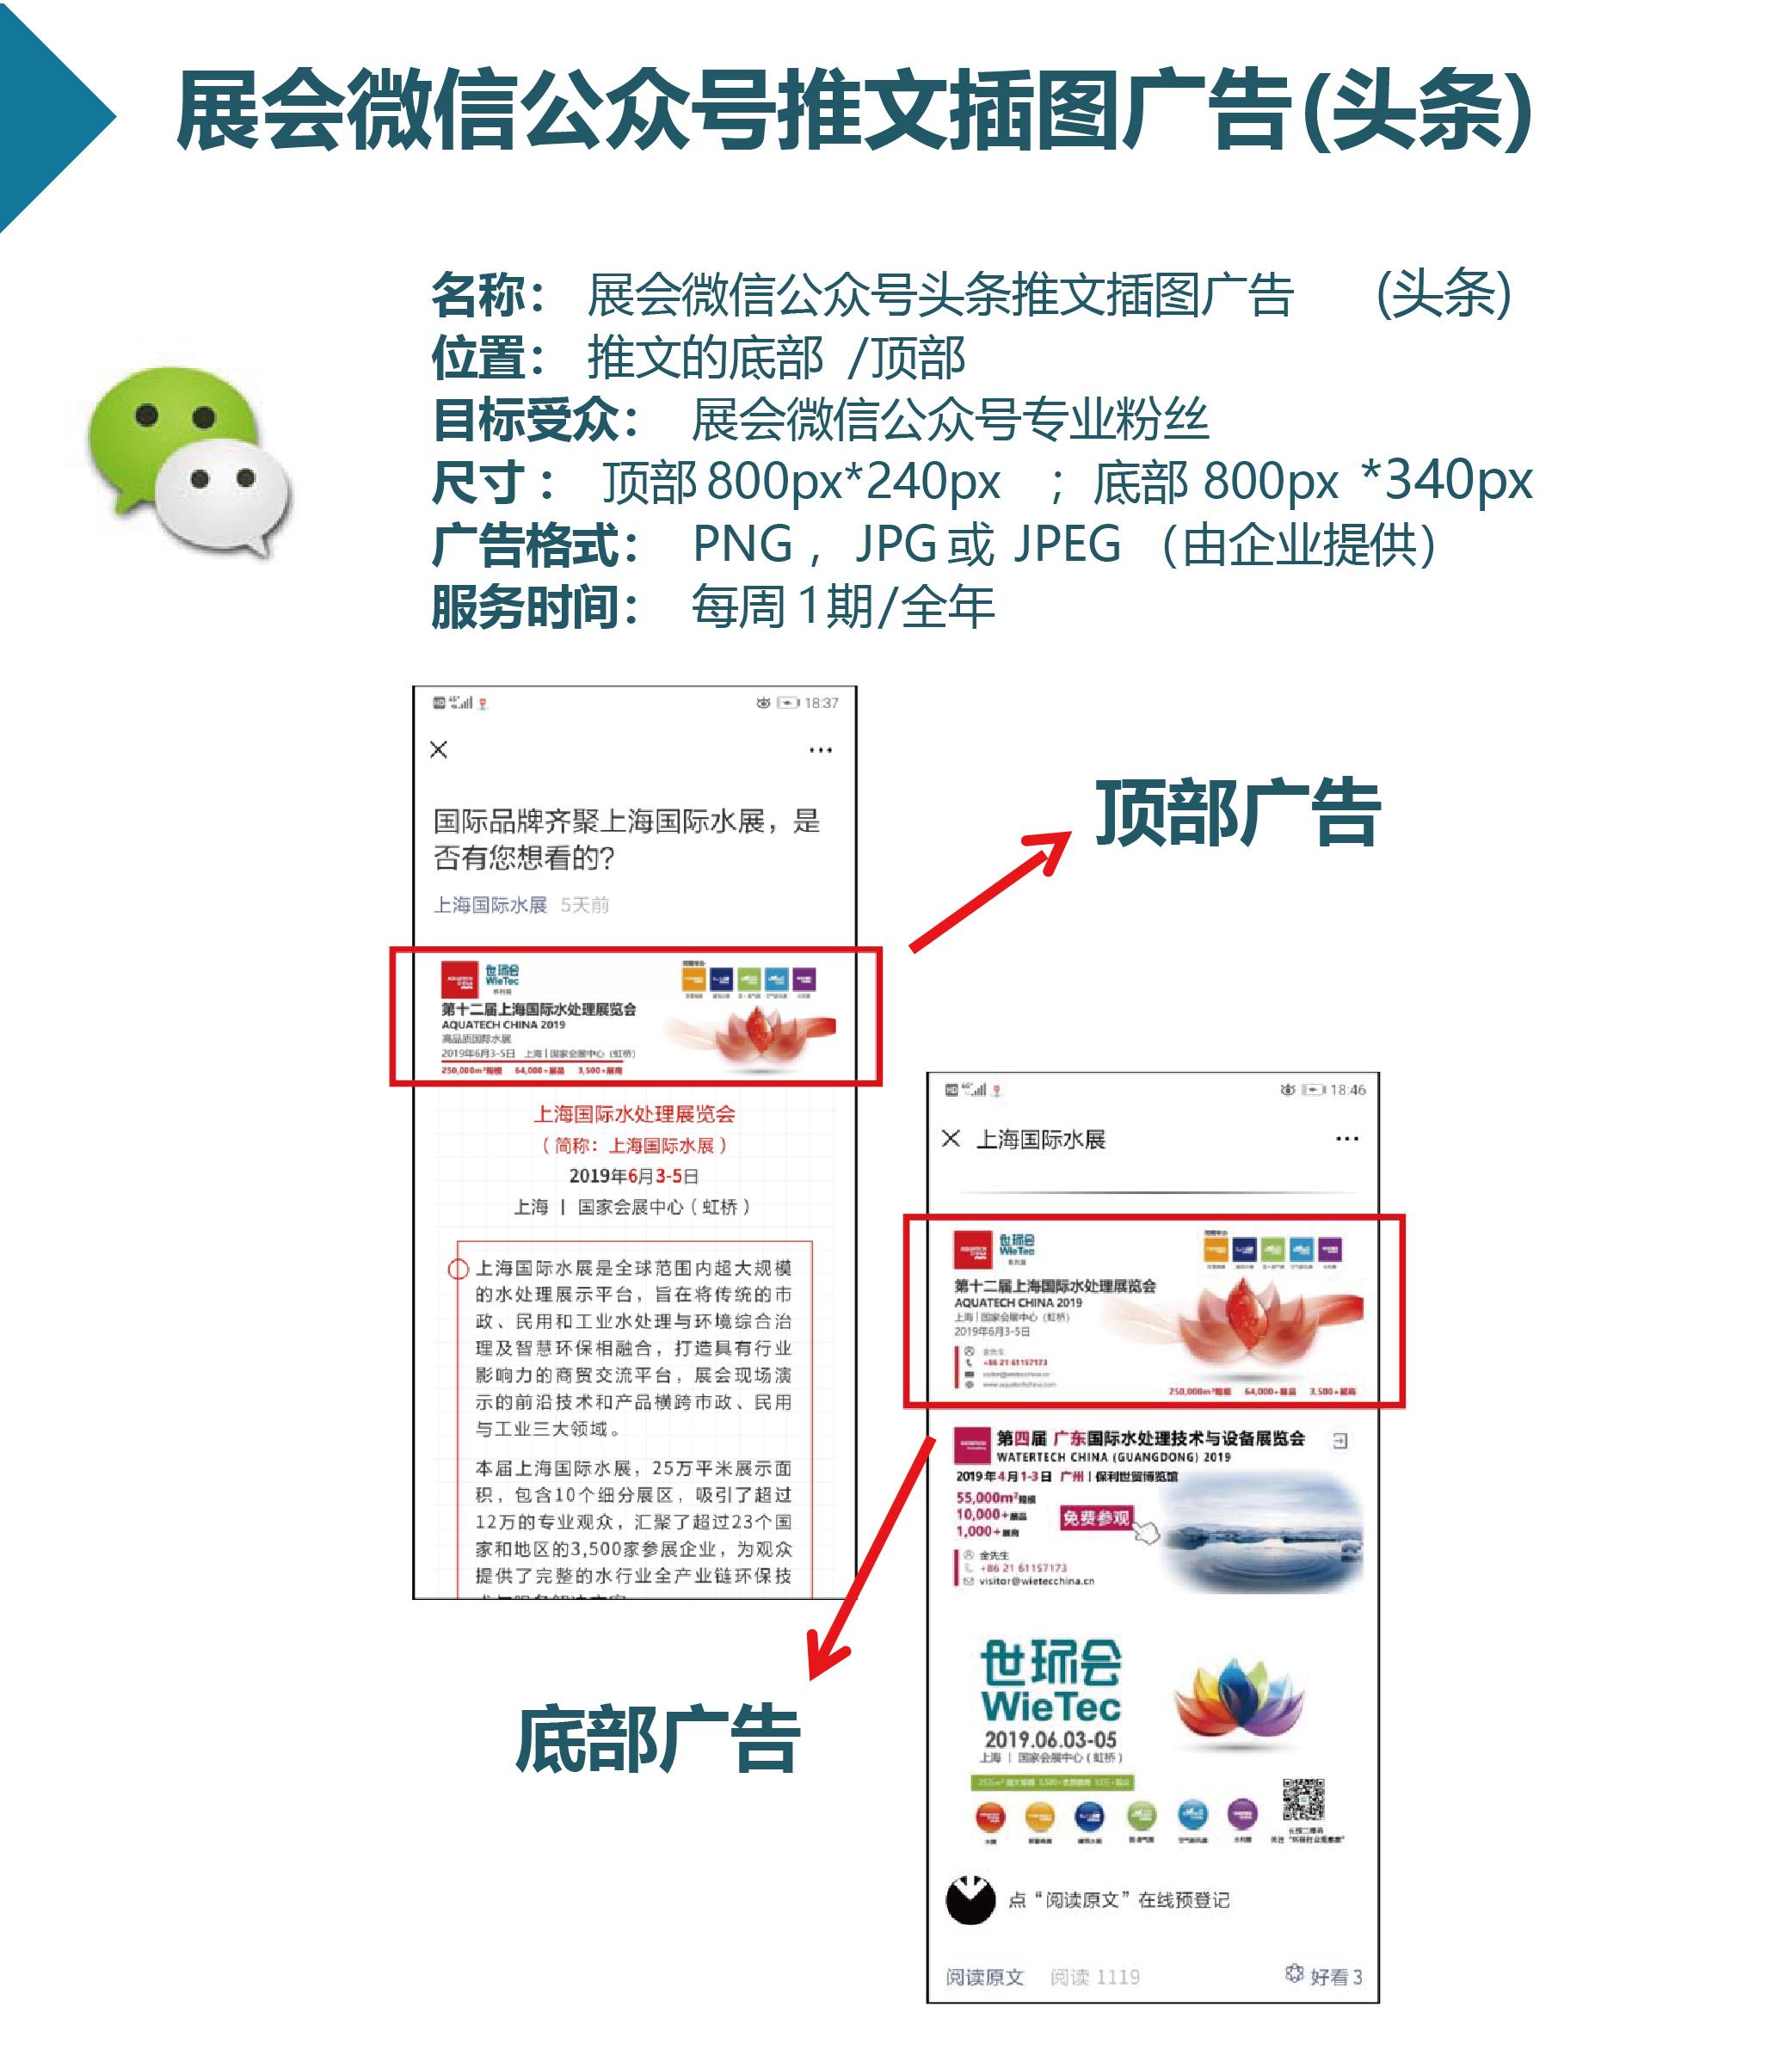 增值服务-上海空气新风展 AIRVENTEC CHINA 2021.6.2-4 新风系统 通风设备 空气净化